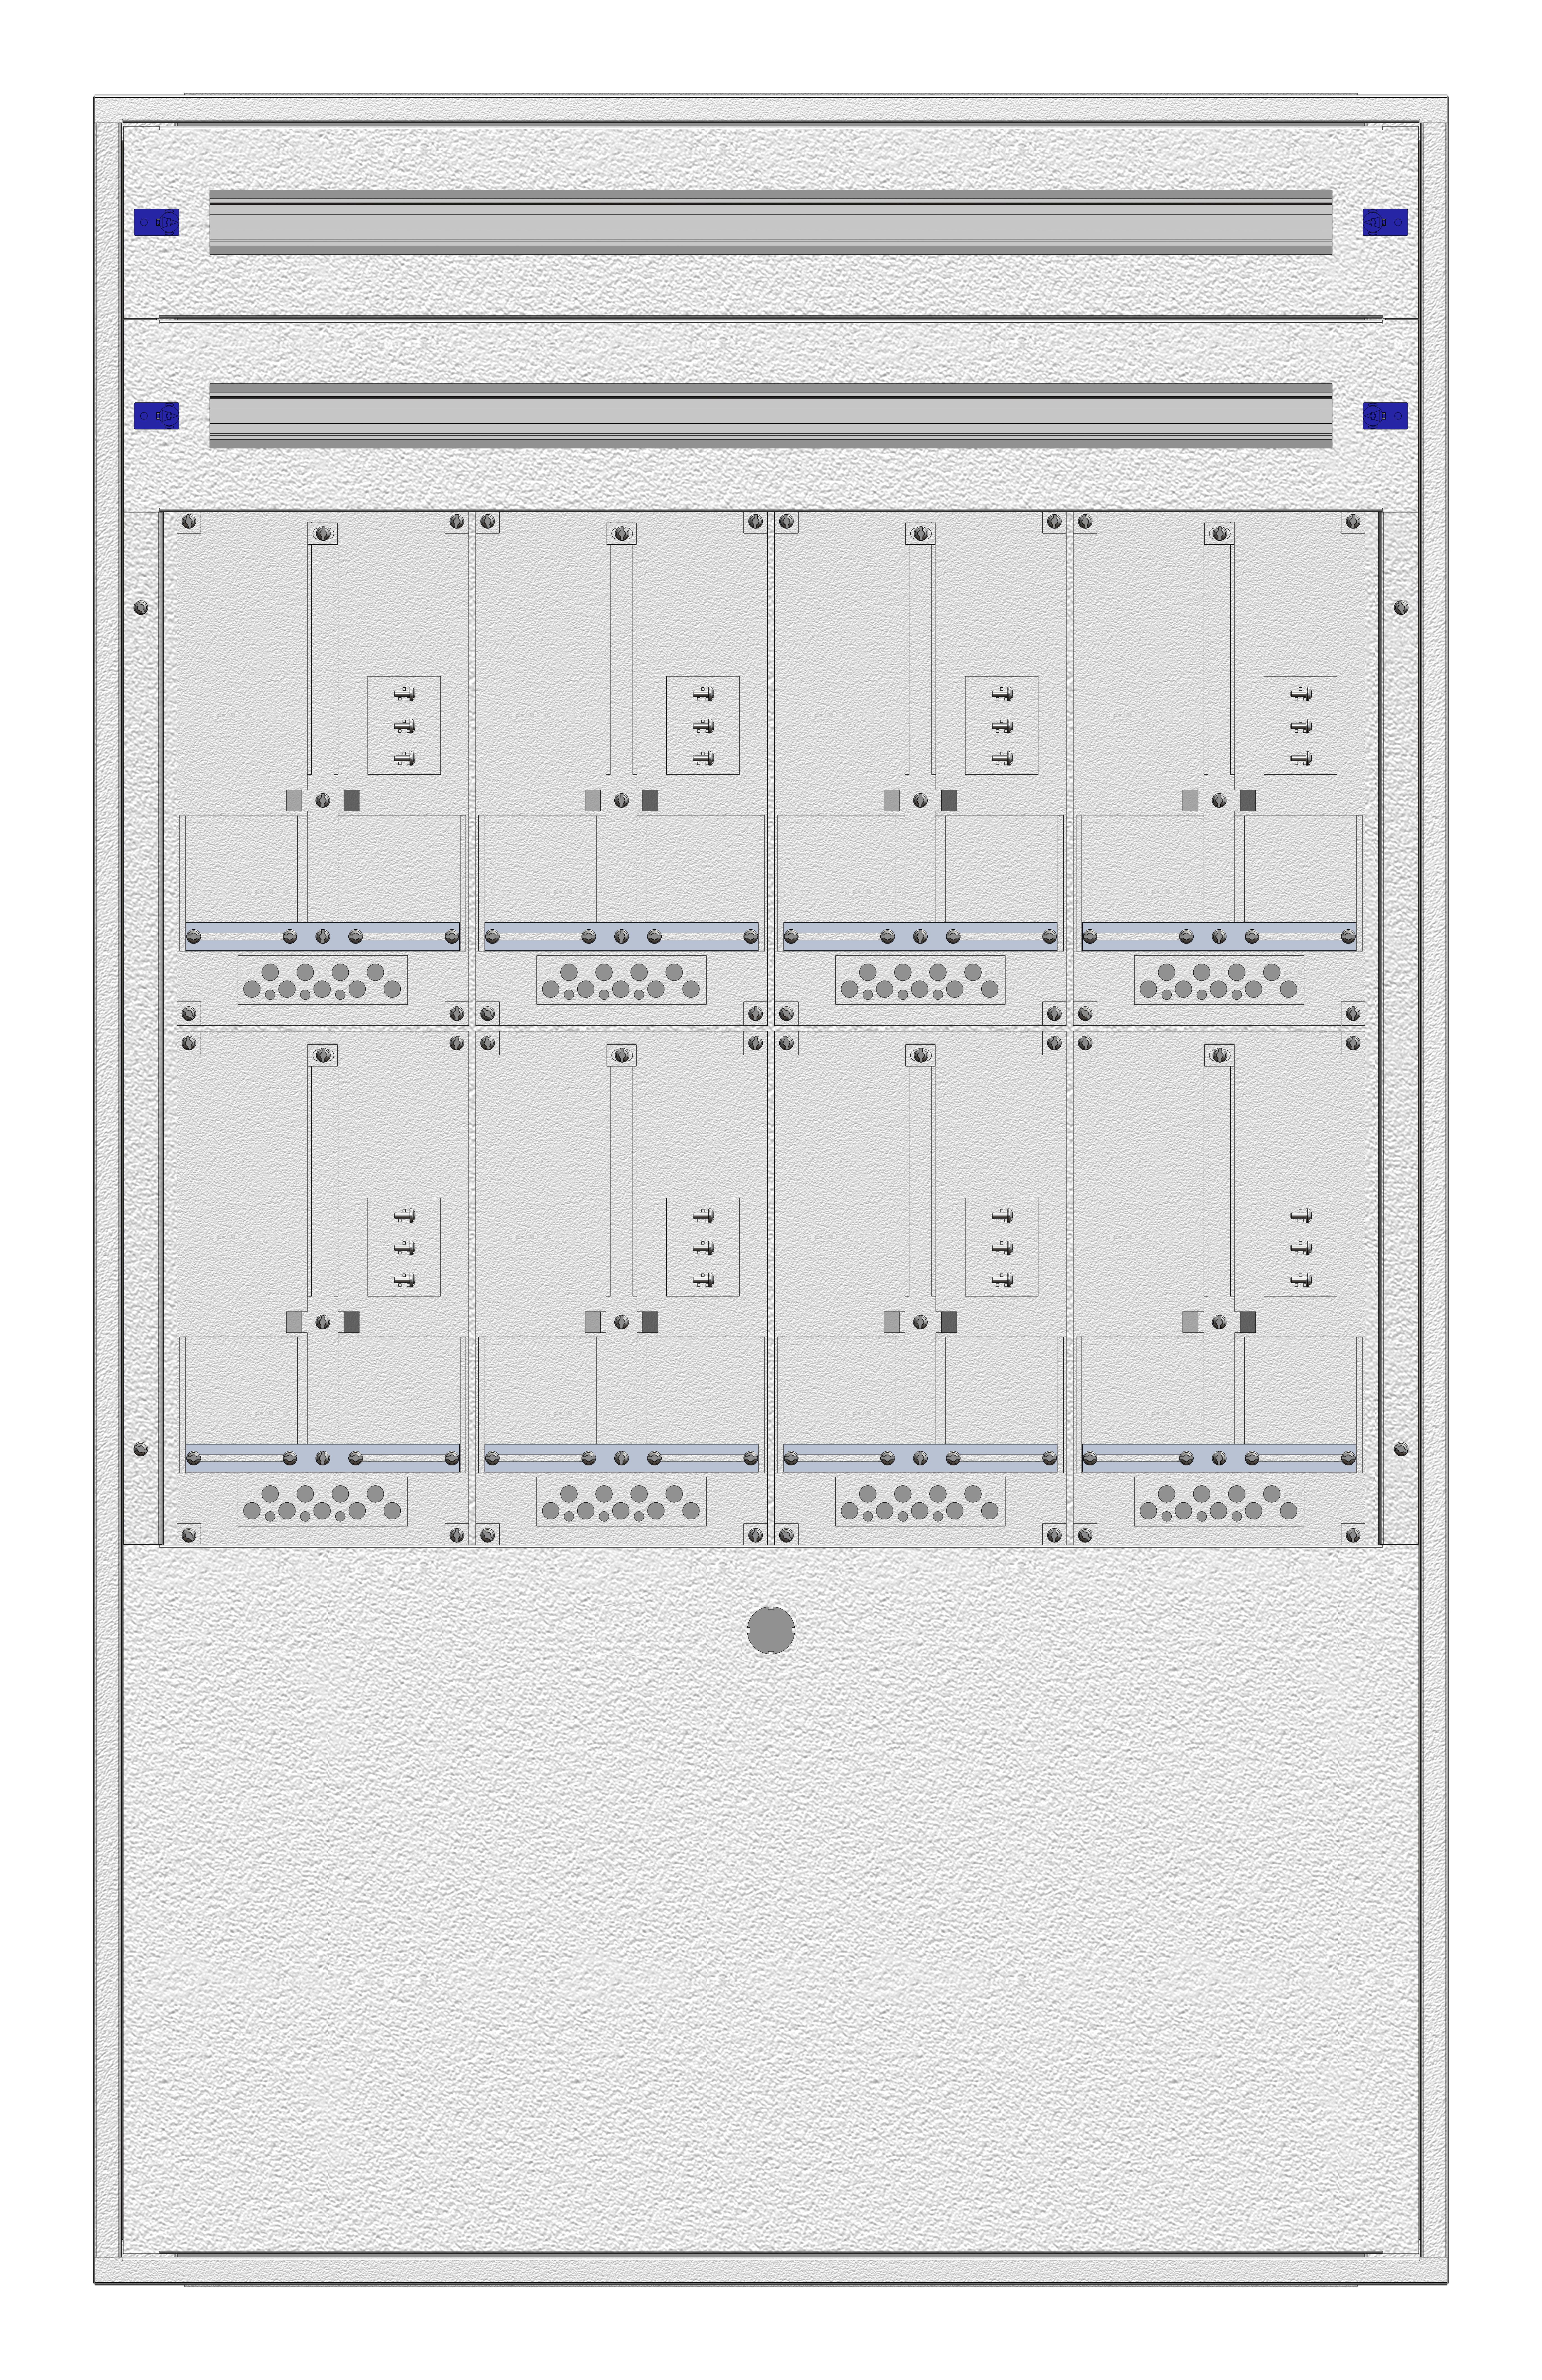 1 Stk Aufputz-Zählerverteiler 4A-33G/BGLD 8ZP, H1605B1030T250mm IL162433BS